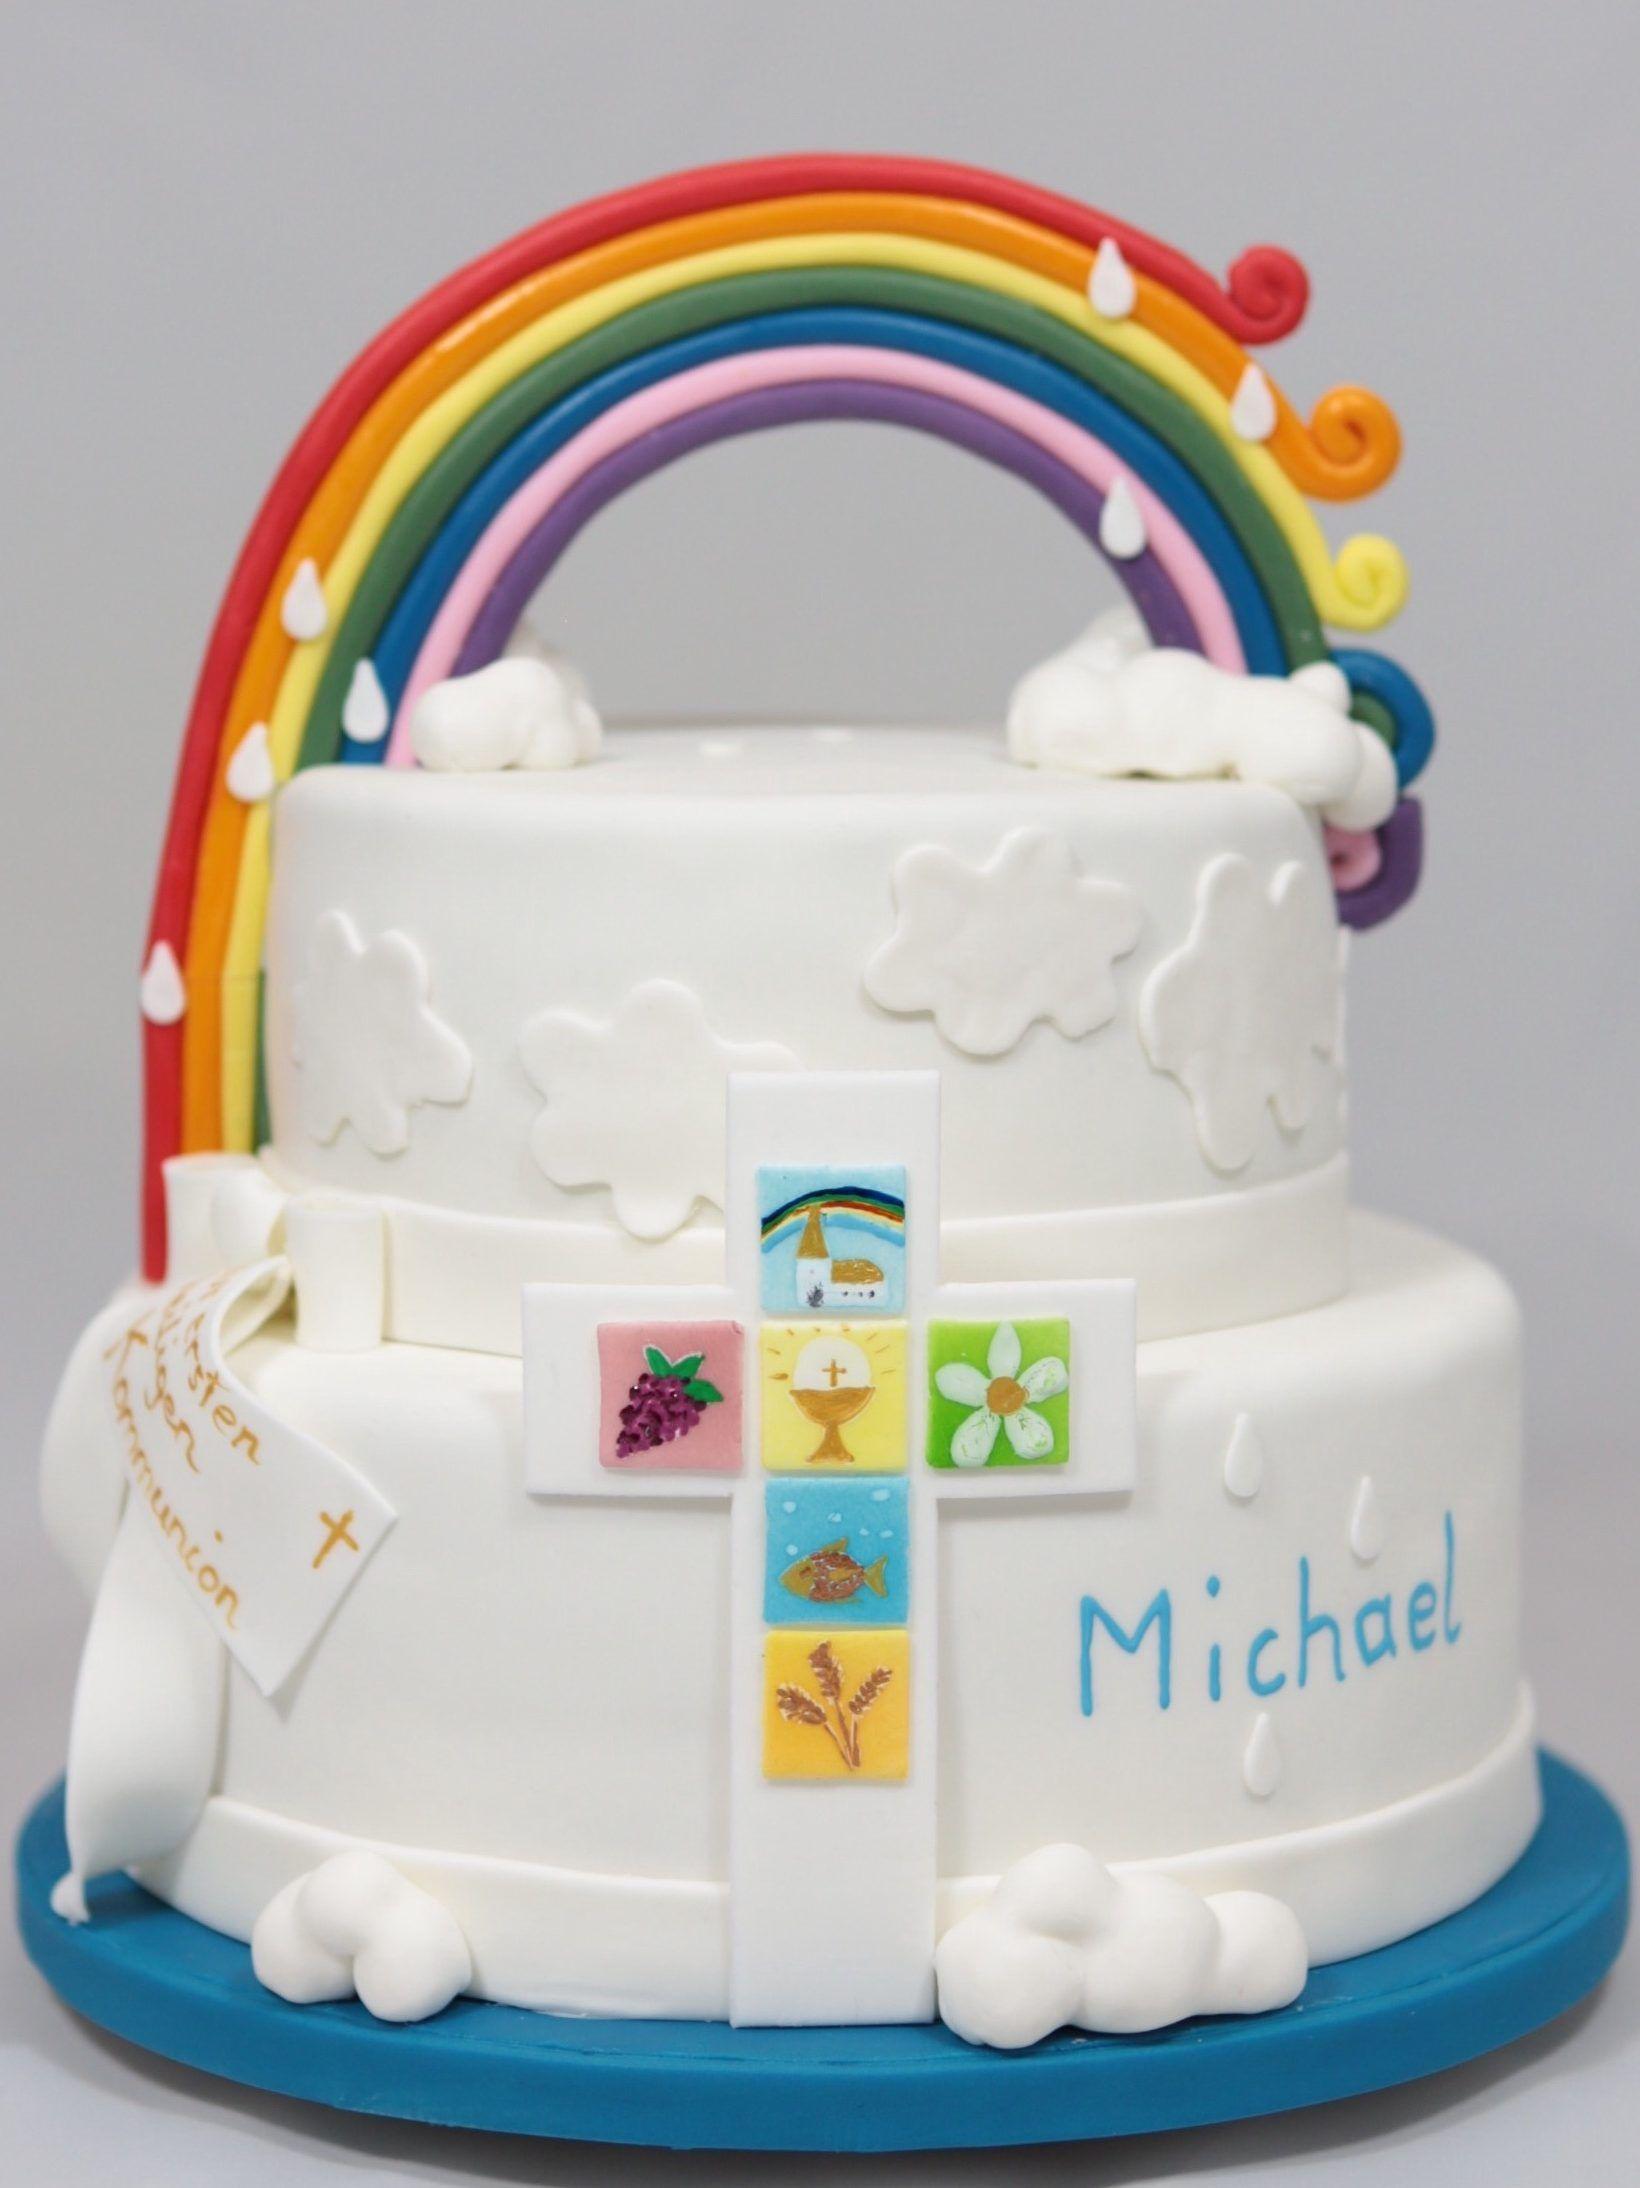 Regenbogen Rainbow Torte Cake First Communion